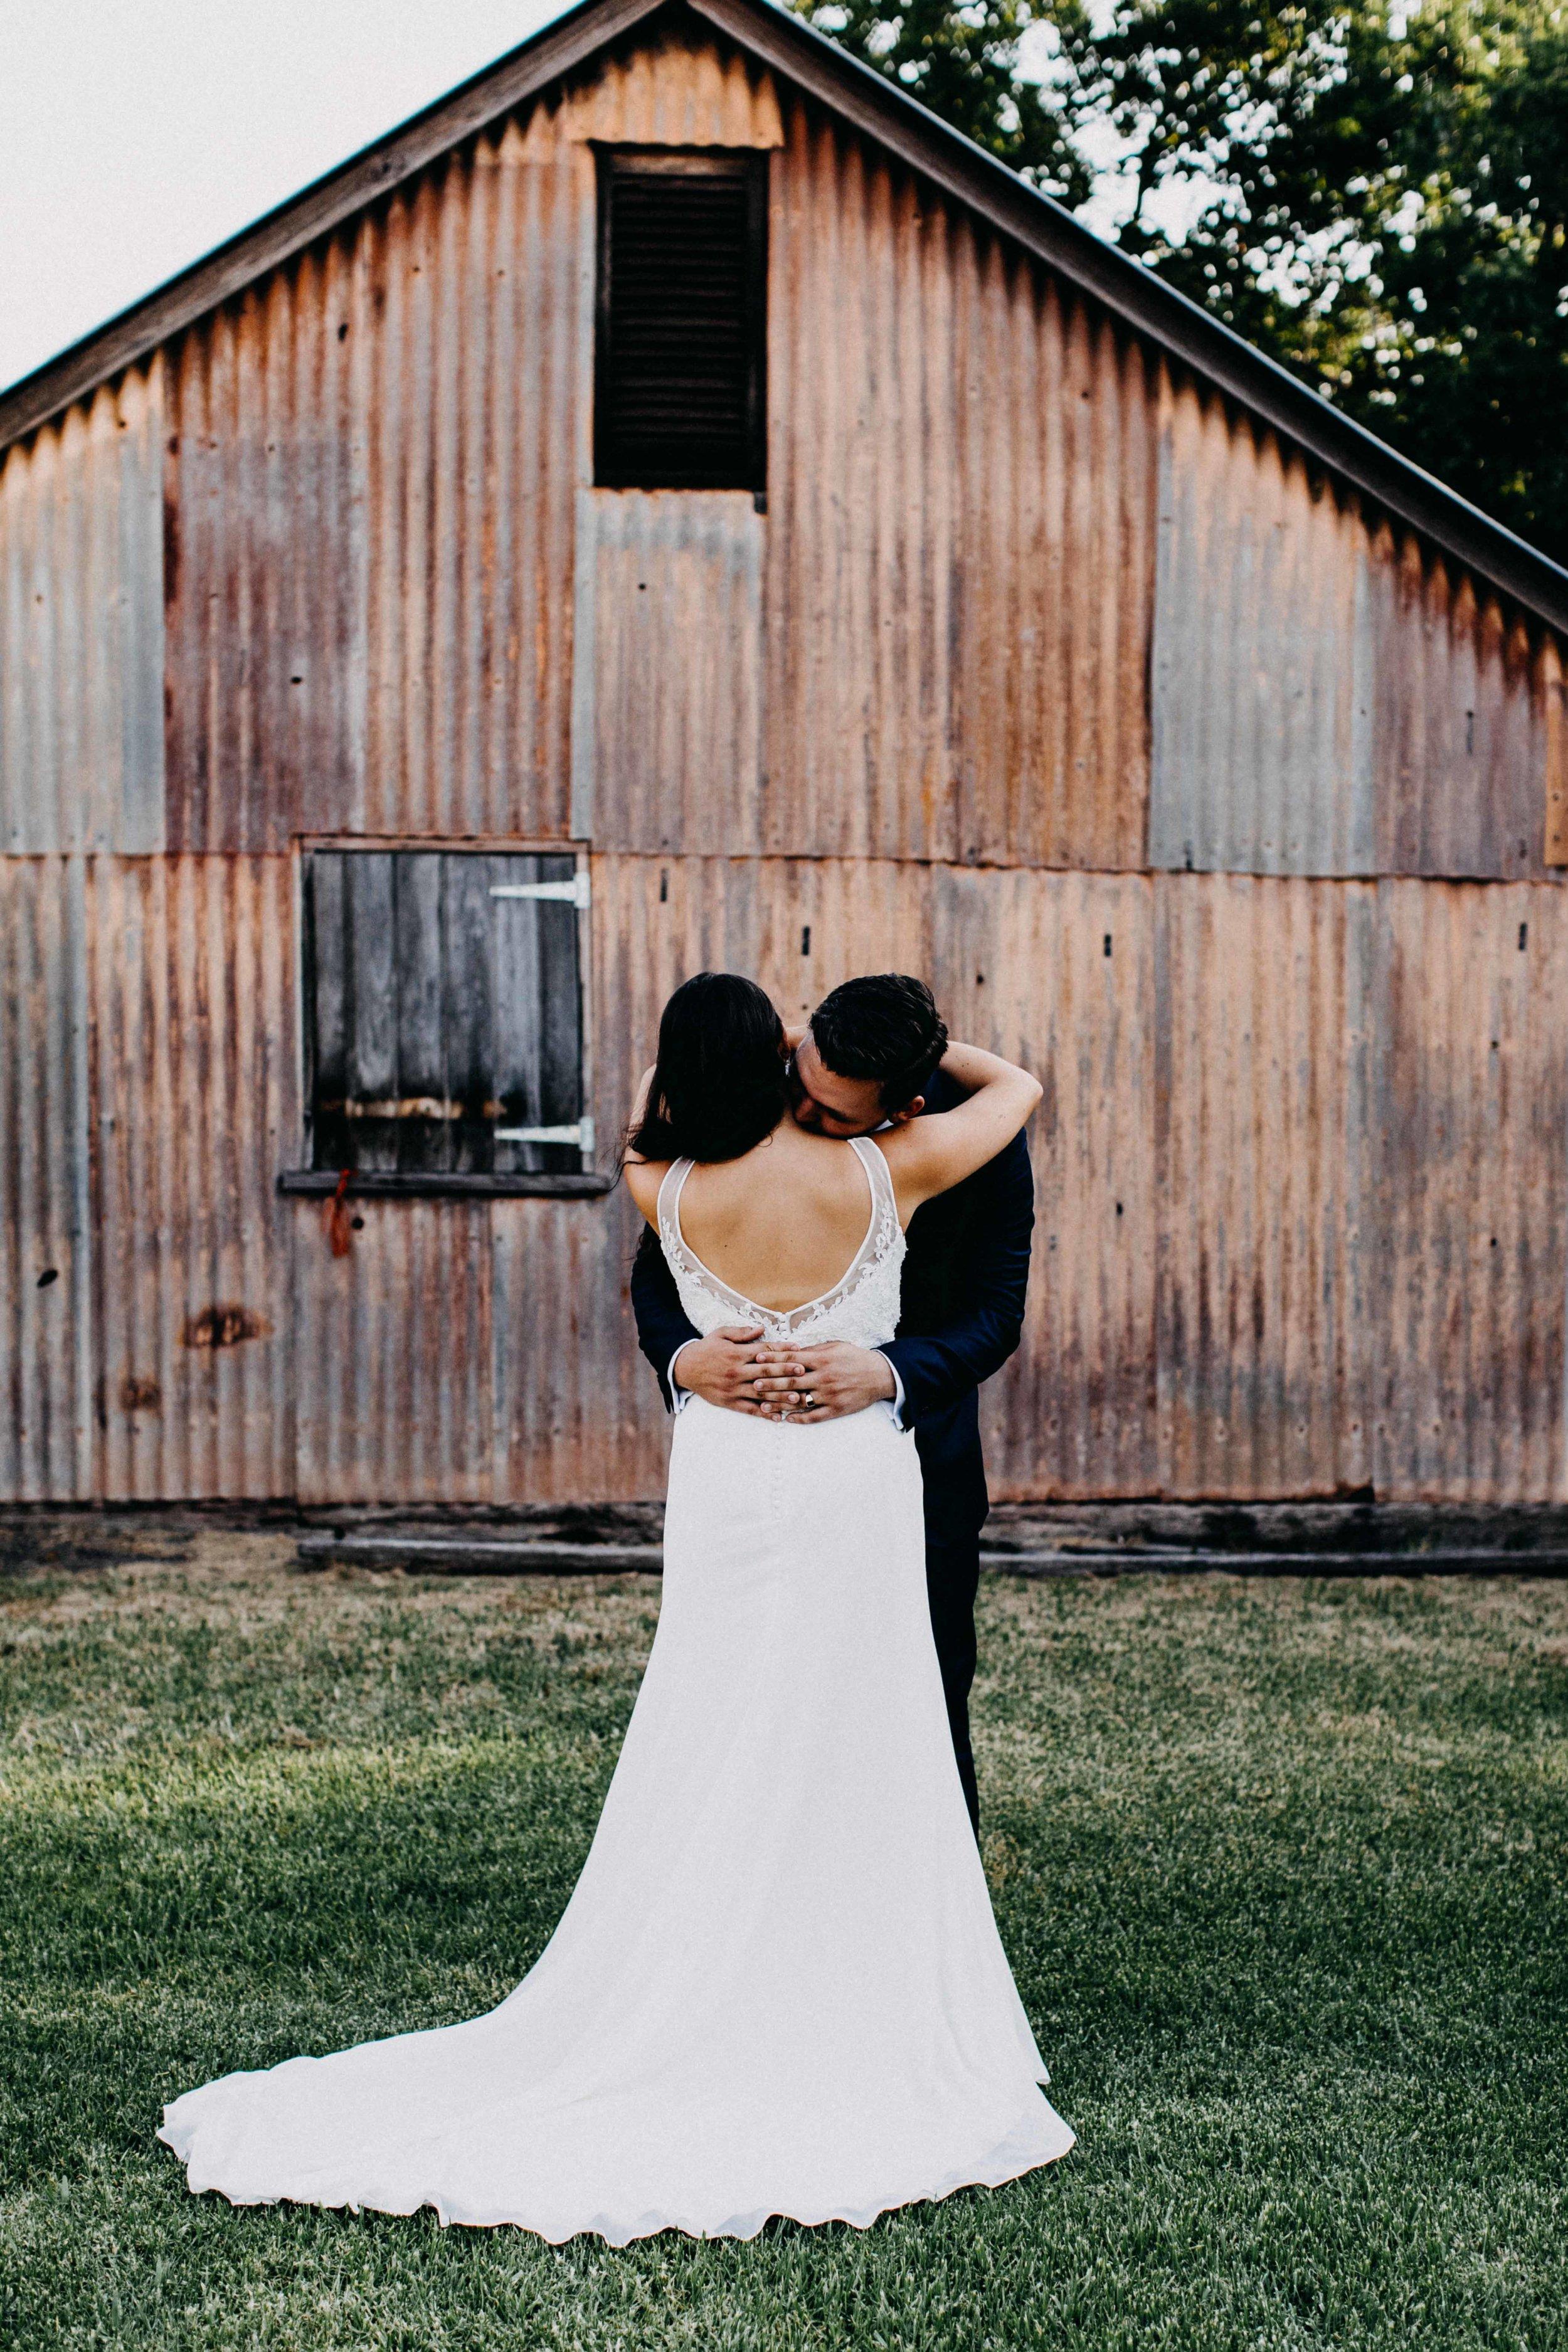 www.emilyobrienphotography.net-belgenny-farm-wedding-camden-photography-maddie-andrzej-148.jpg